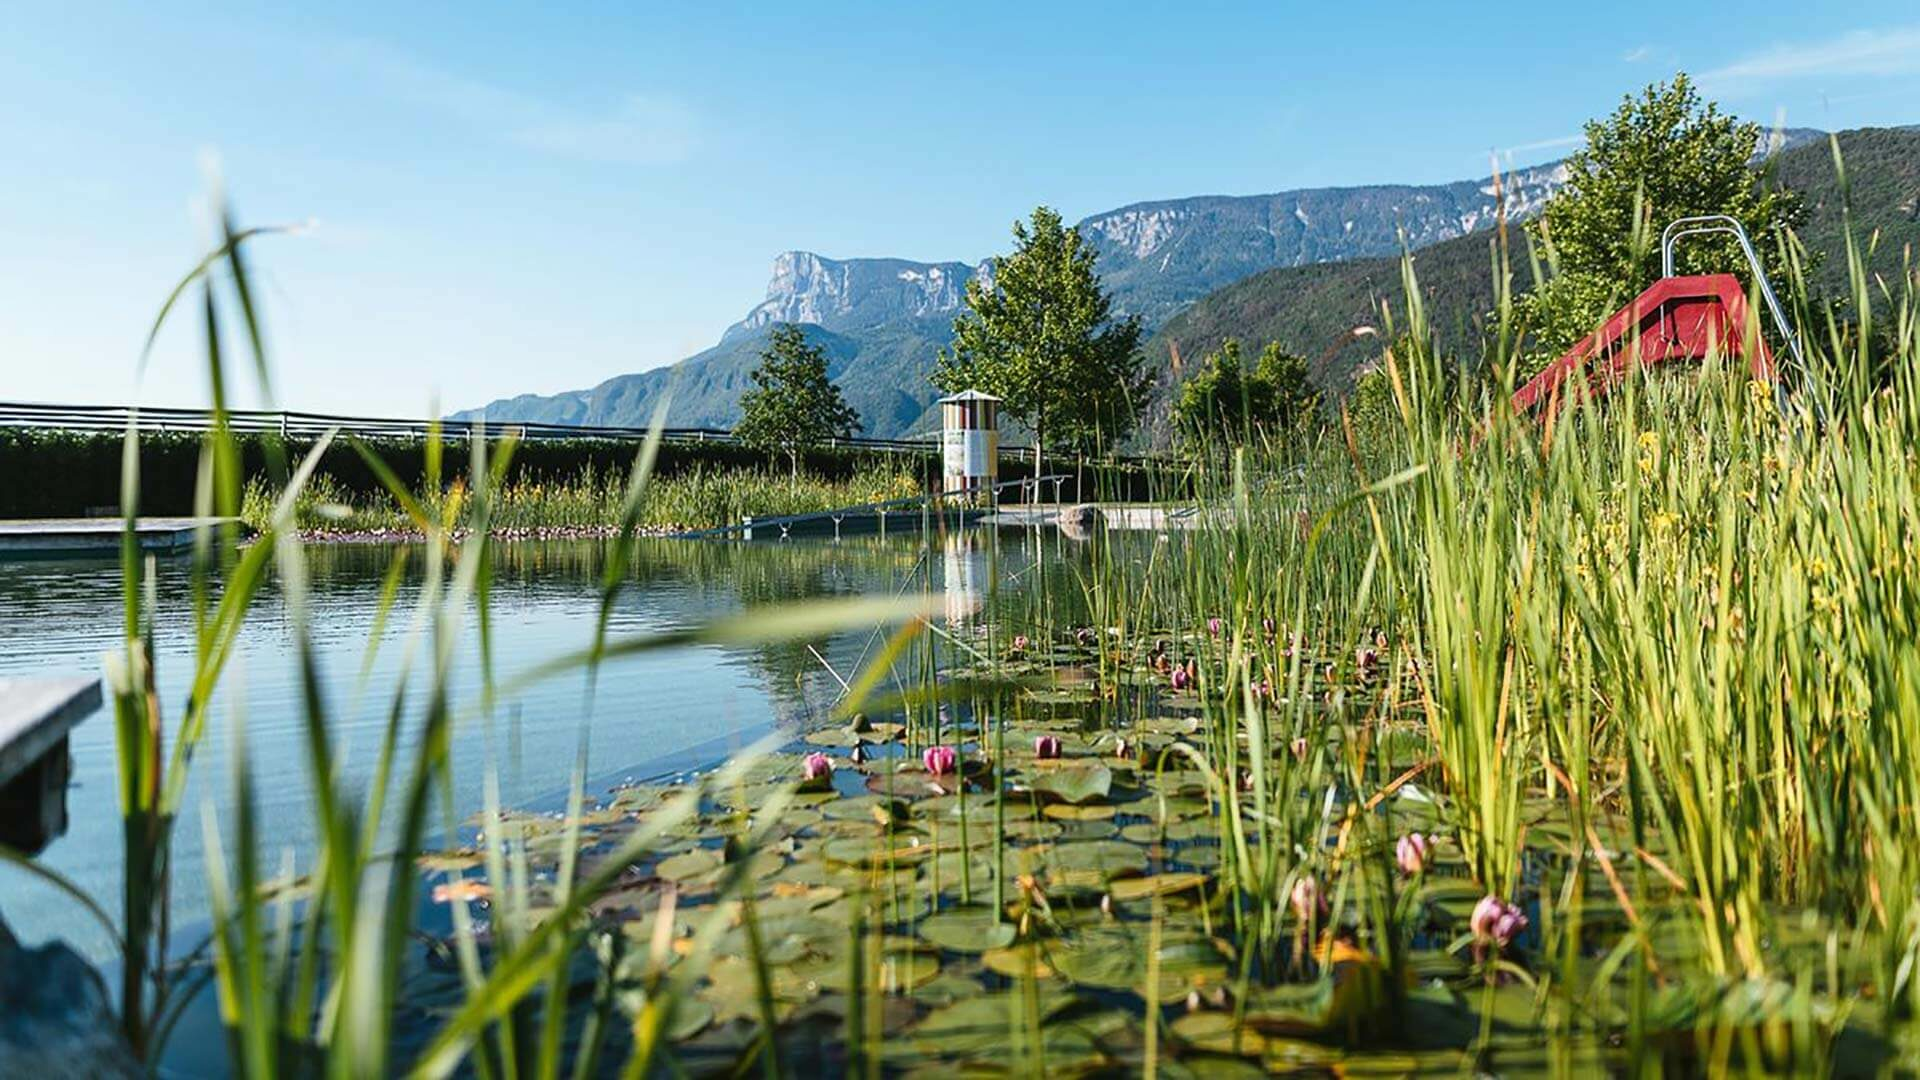 Naturbadeteich mit Berge im Hintergrund